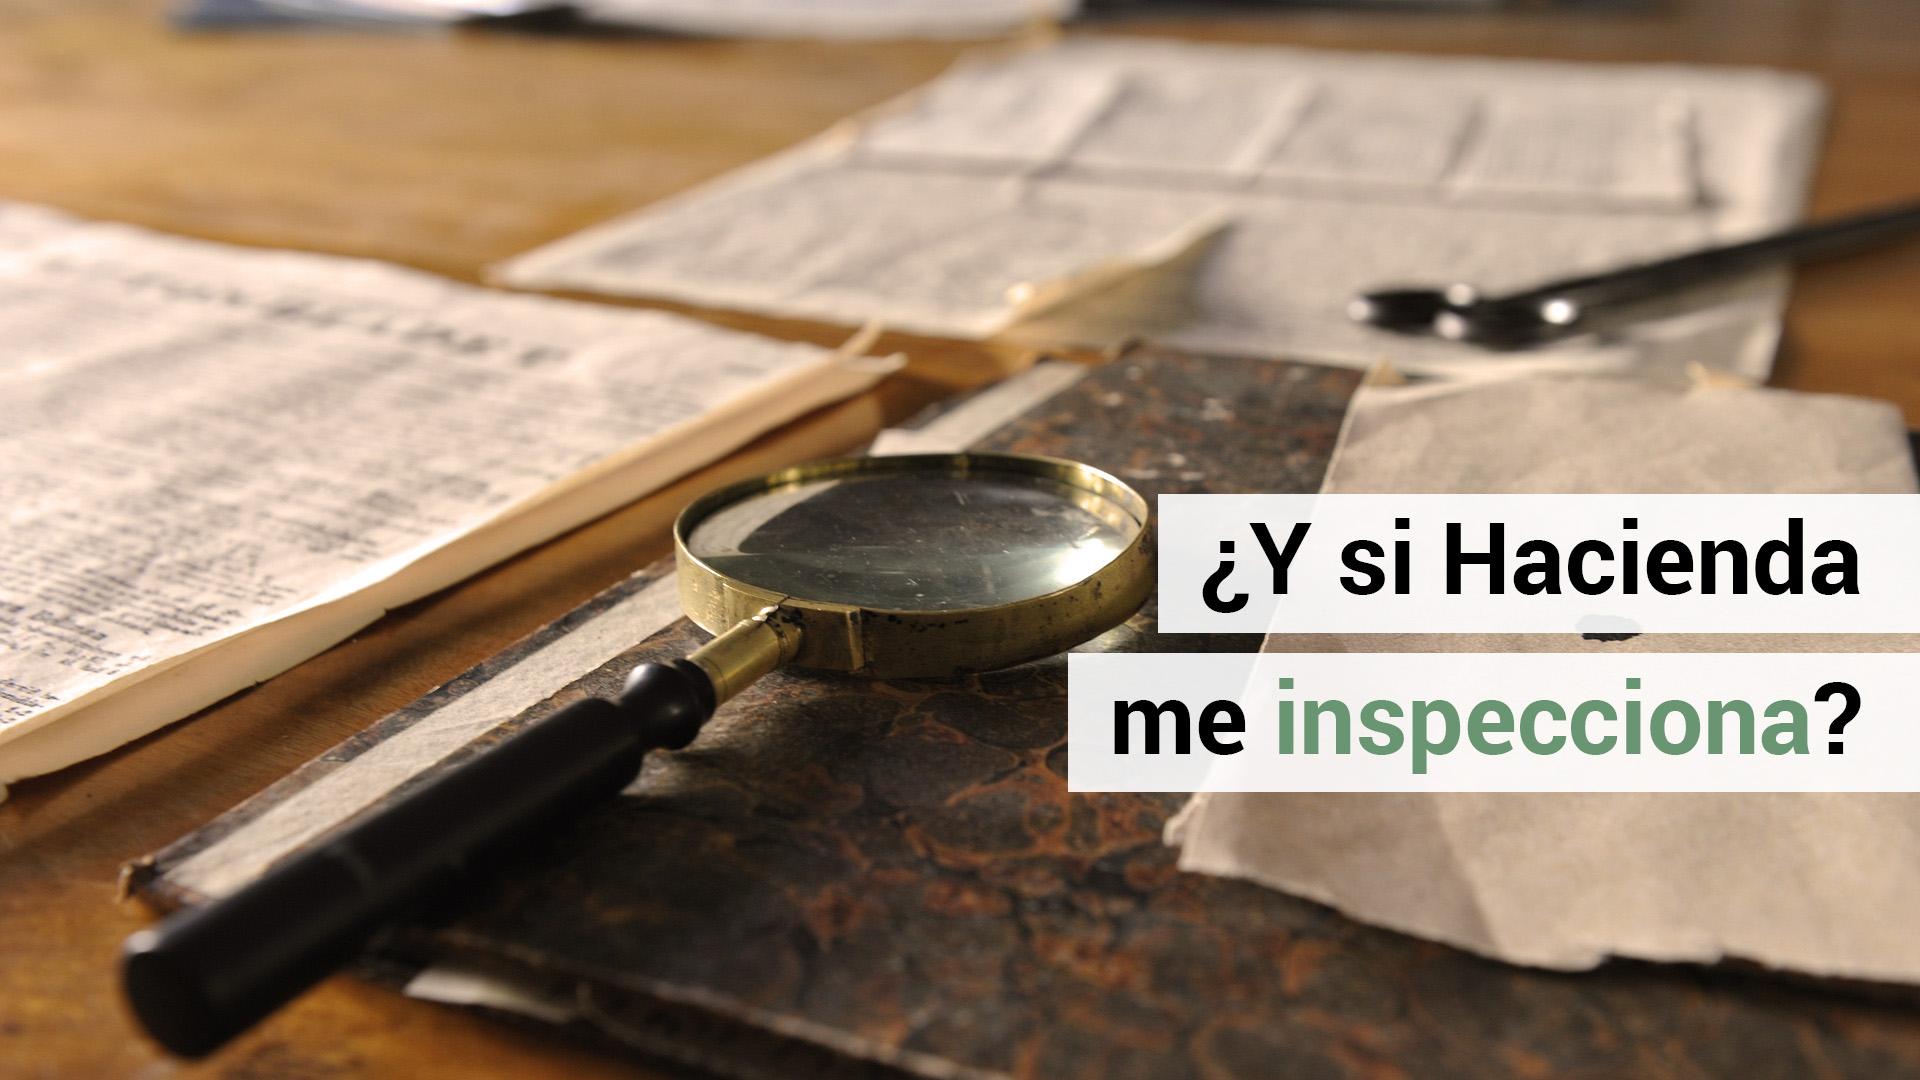 Qué hacer ante una inspección de Hacienda